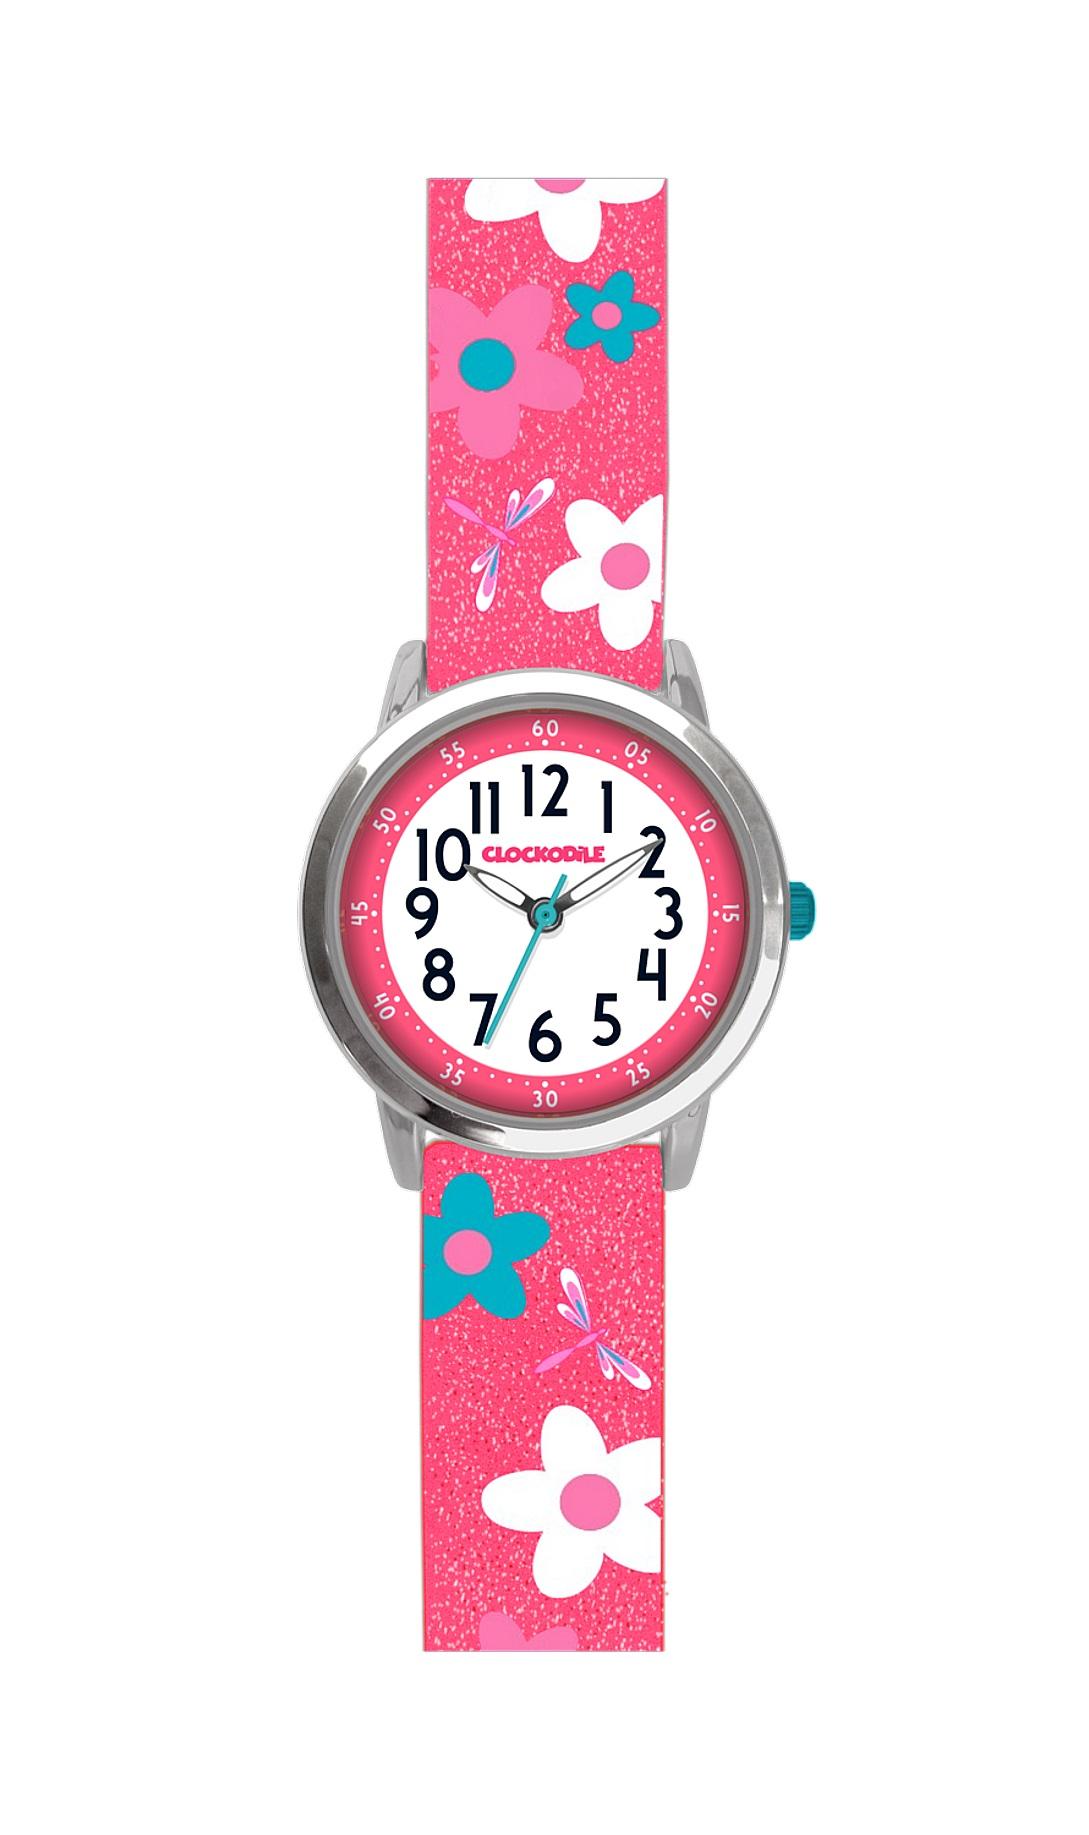 Květované růžové dívčí hodinky CLOCKODILE FLOWERS se třpytkami CWG5020